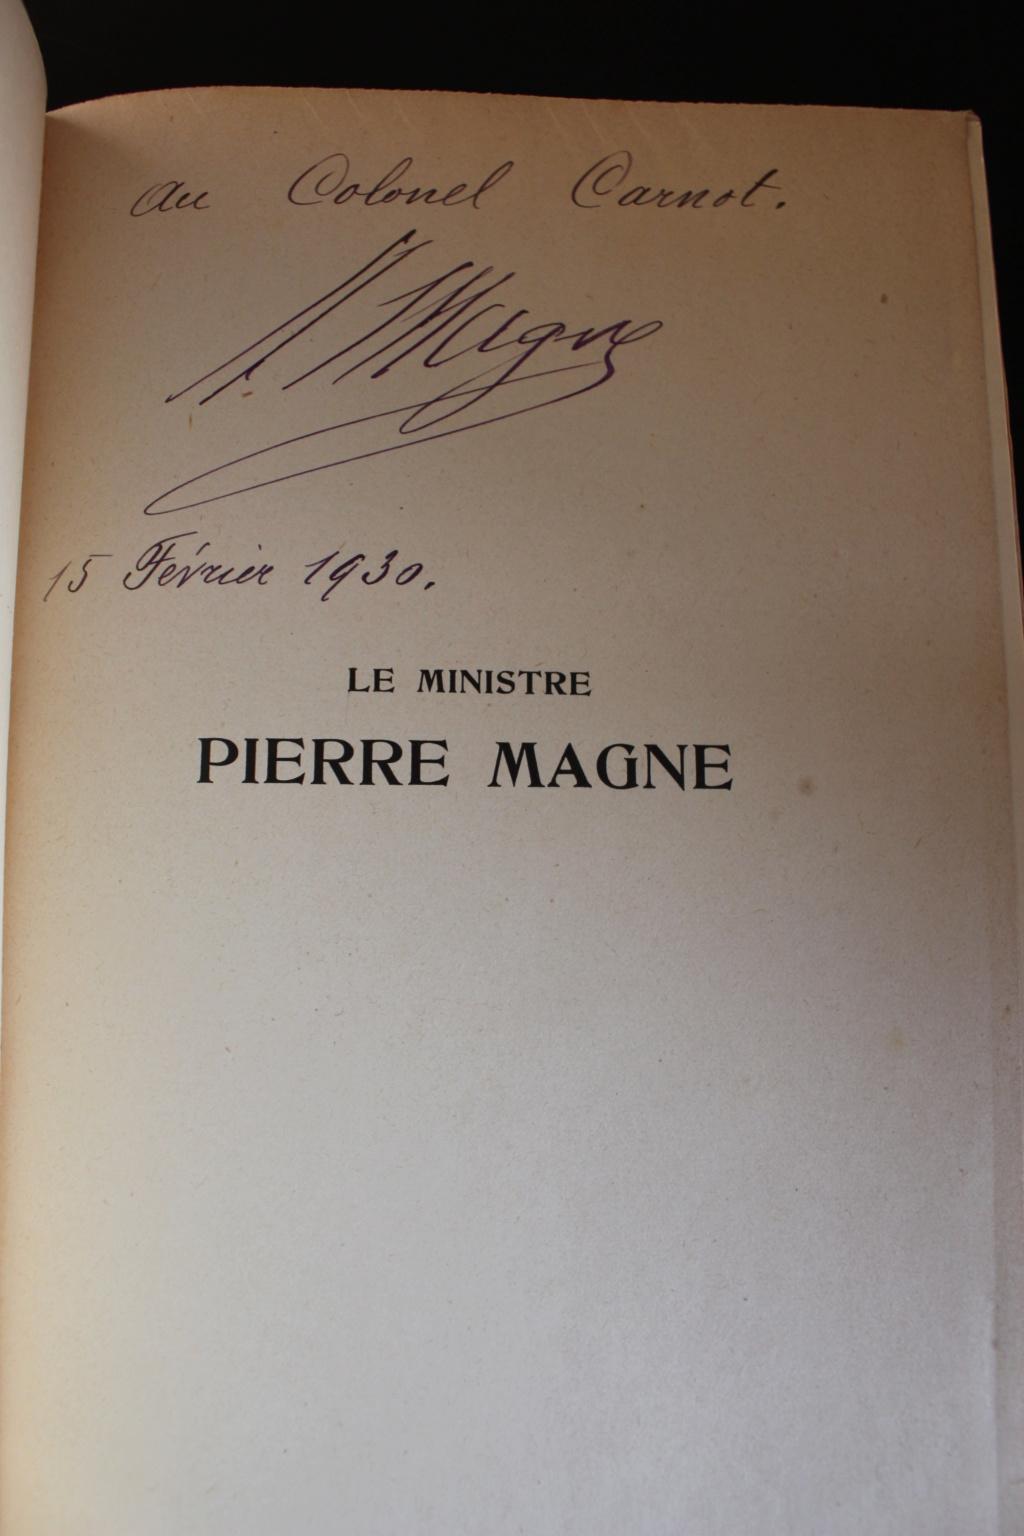 Dédicace de Napoléon MAGNE, 1930 Img_2717